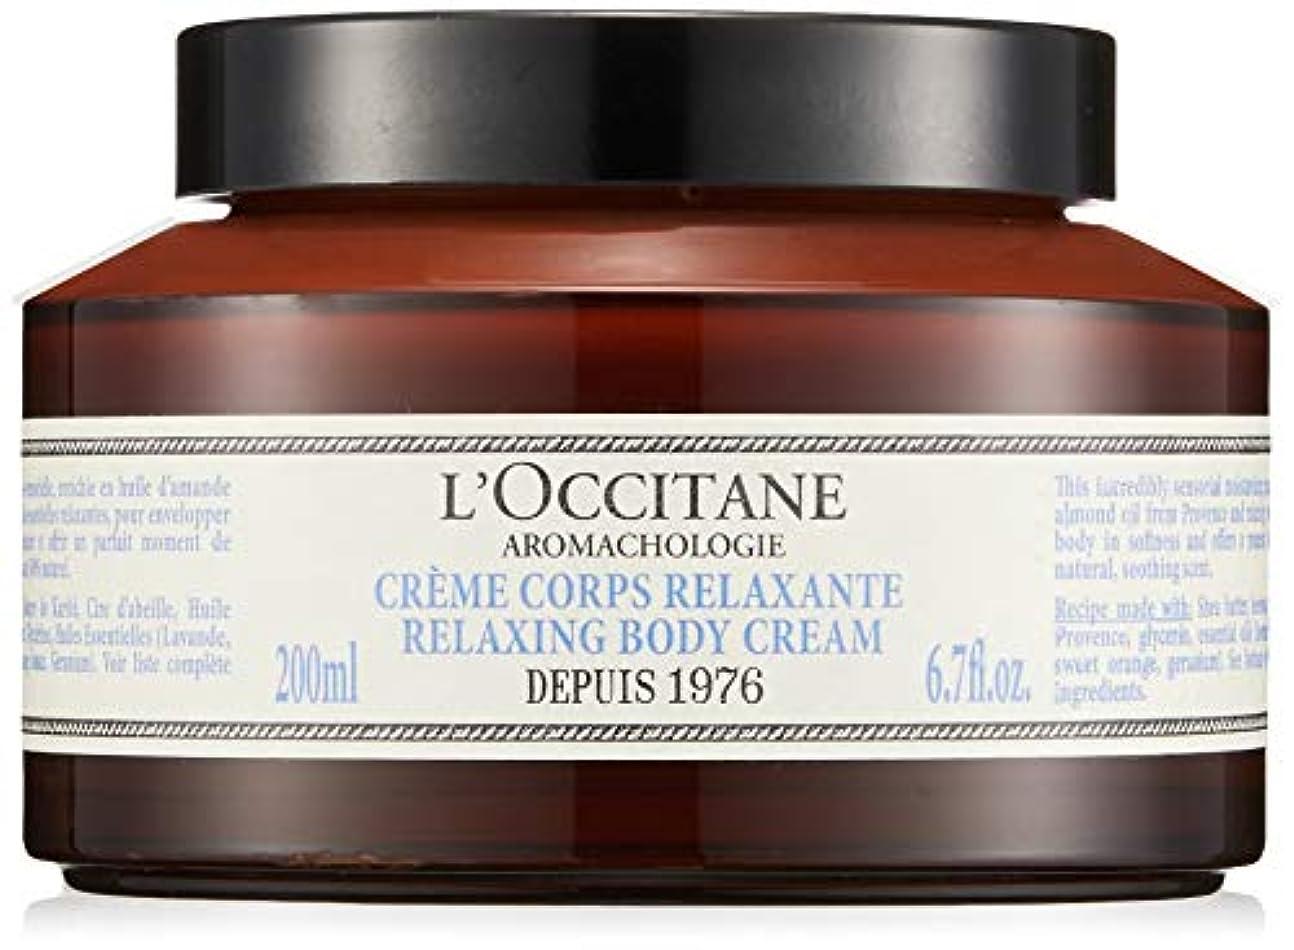 絞る最適絶え間ないロクシタン(L'OCCITANE) リラクシング ボディクリーム 200ml